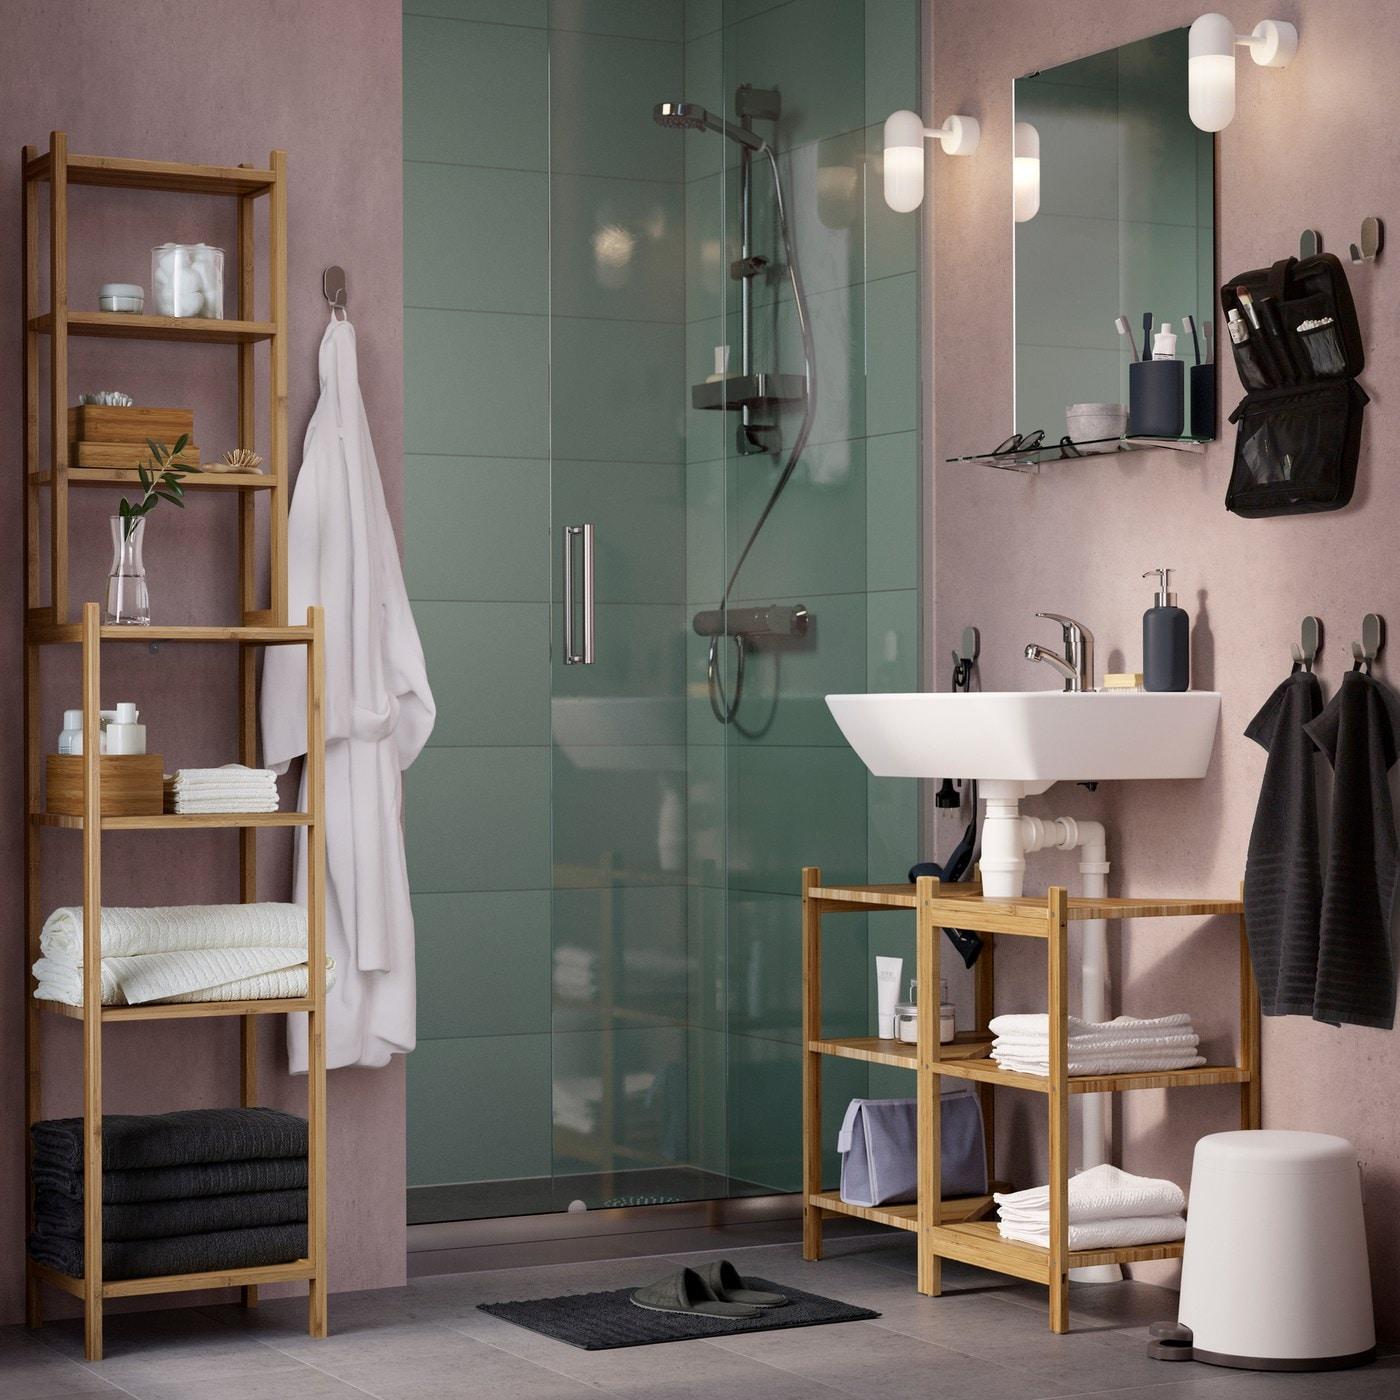 Alles für ein frisches, funktionales Badezimmer IKEA